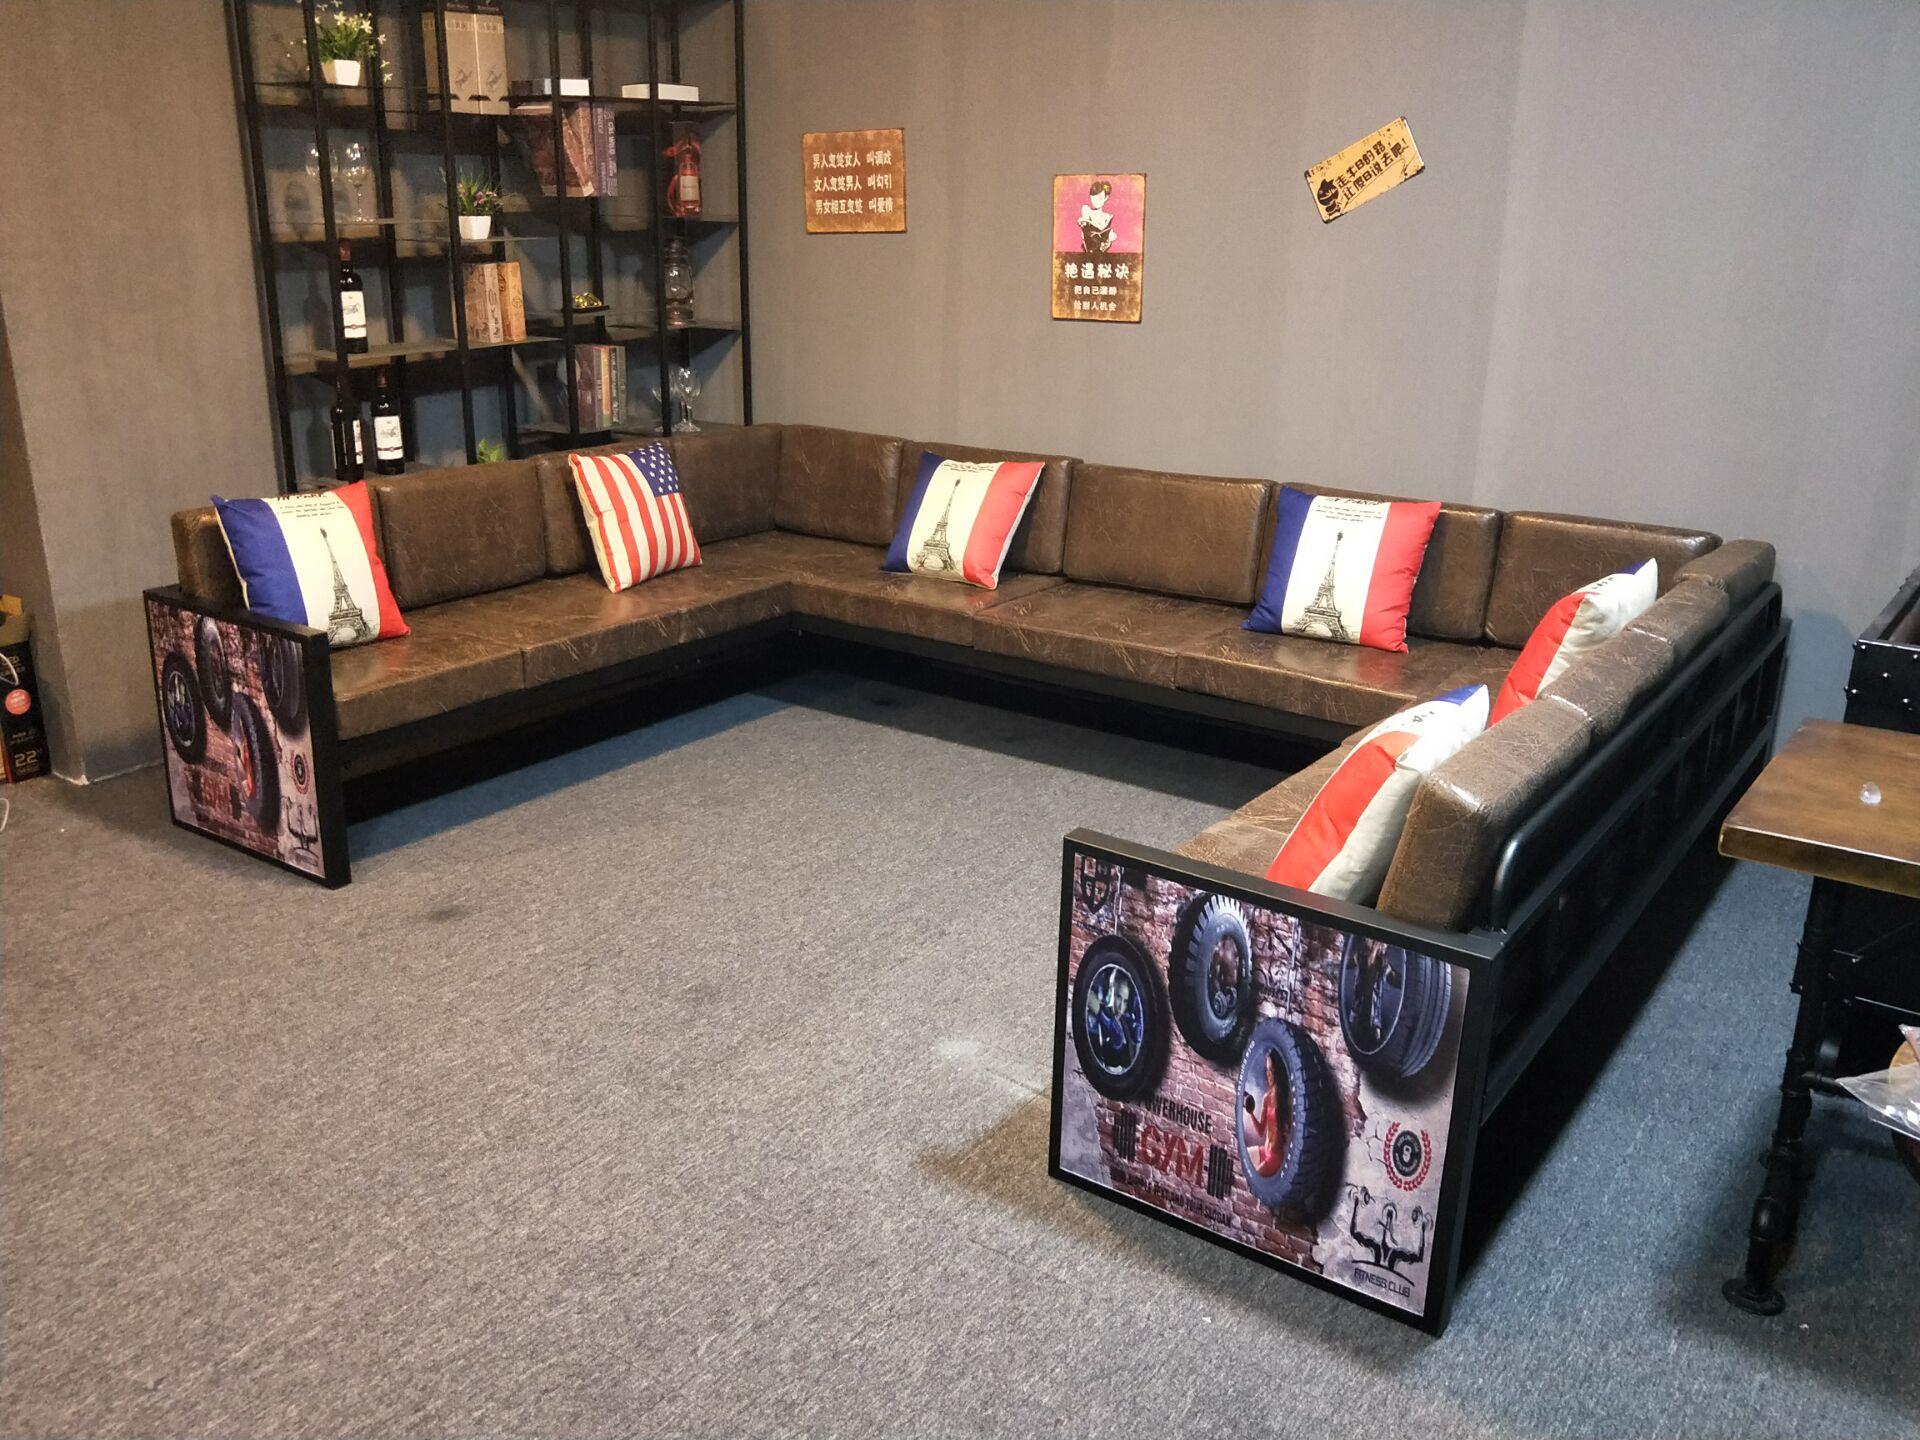 Промышленность ветер железо угол диван стандарт UL тип KTV пакет автомобиль диван бар палуба диван столы и стулья сочетание